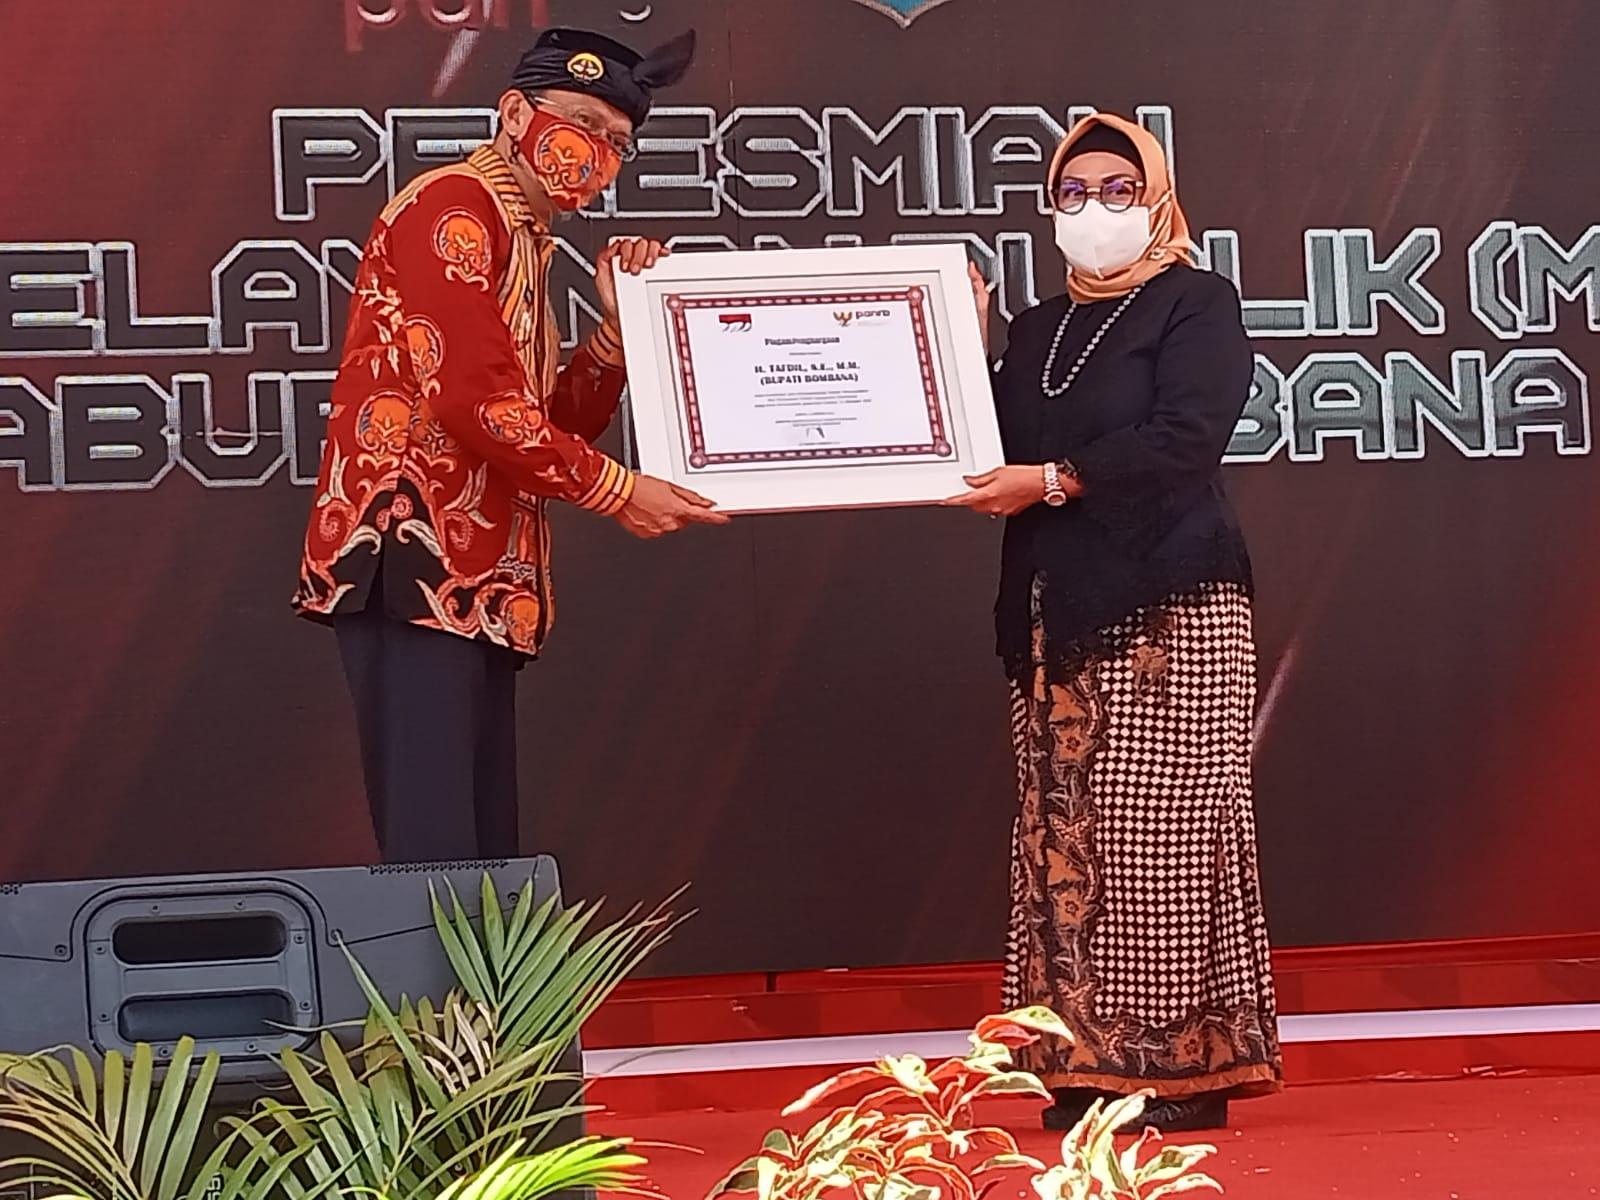 Bupati bombana H. Tafdil (Kiri) saat menerima Piagam dari Deputi Bidang Pelayanan Publik Kemenpan-RB, Diah Natalisa (Kanan)